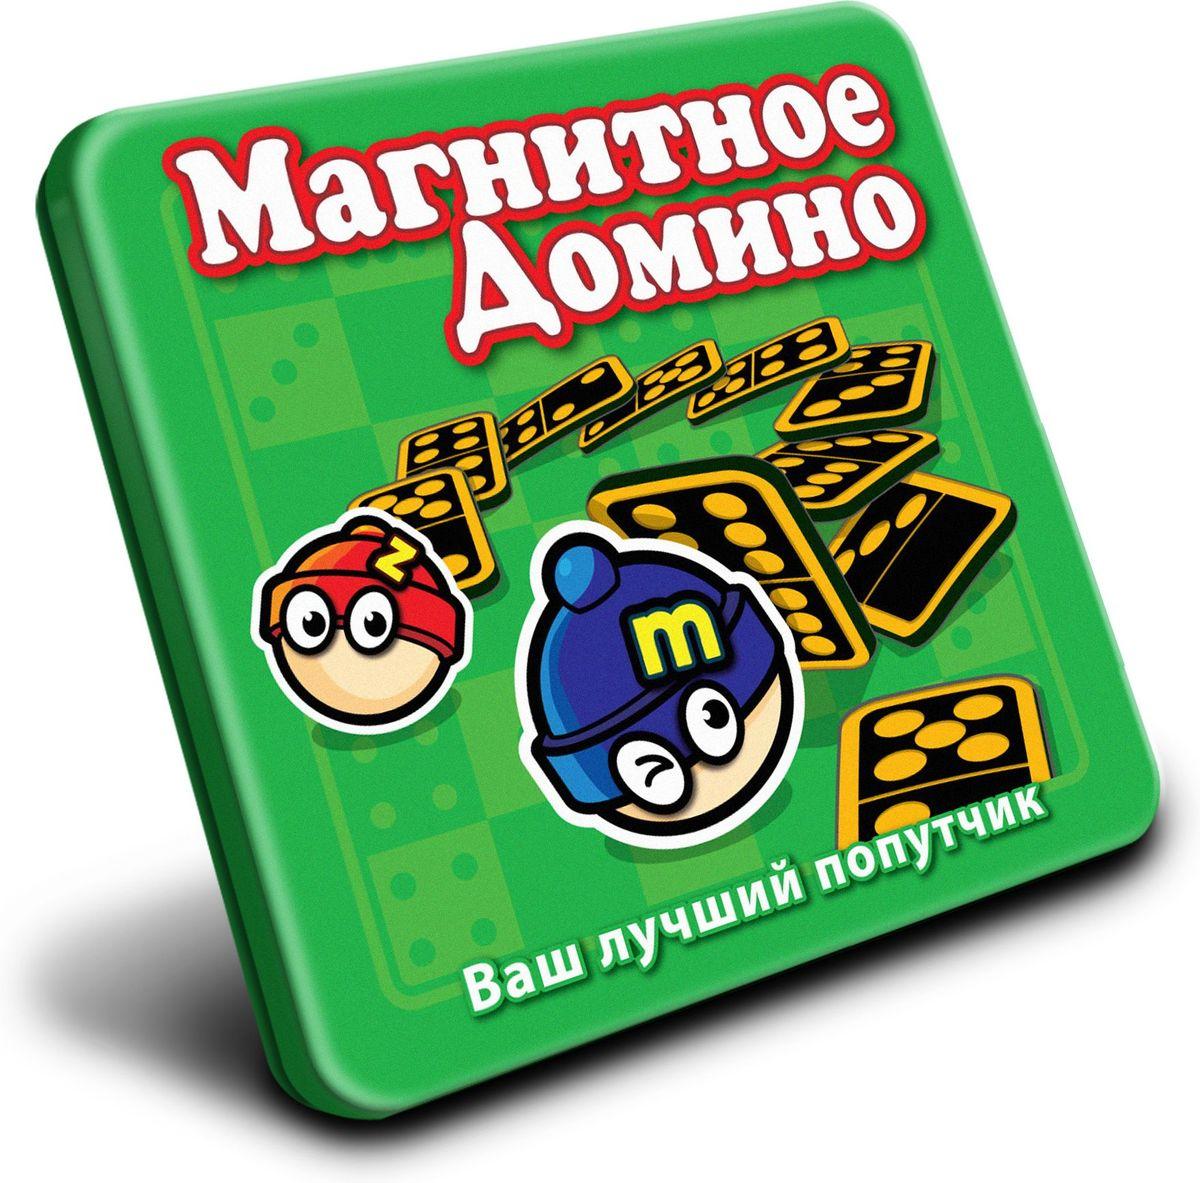 Mack & Zack Магнитная игра ДоминоMT010Материал для изготовления костяшек для домино, одной из самых древних игр, менялся по ходу истории от слоновой кости до кости животного с маленькими, круглыми вставками из черного дерева. Название игры происходит от сходства костяшек и масок Венецианского Карнавала, известных как домини, которые были белого цвета с черными пятнами. Теперь ты можешь поиграть в Домино с магнитными костяшками!